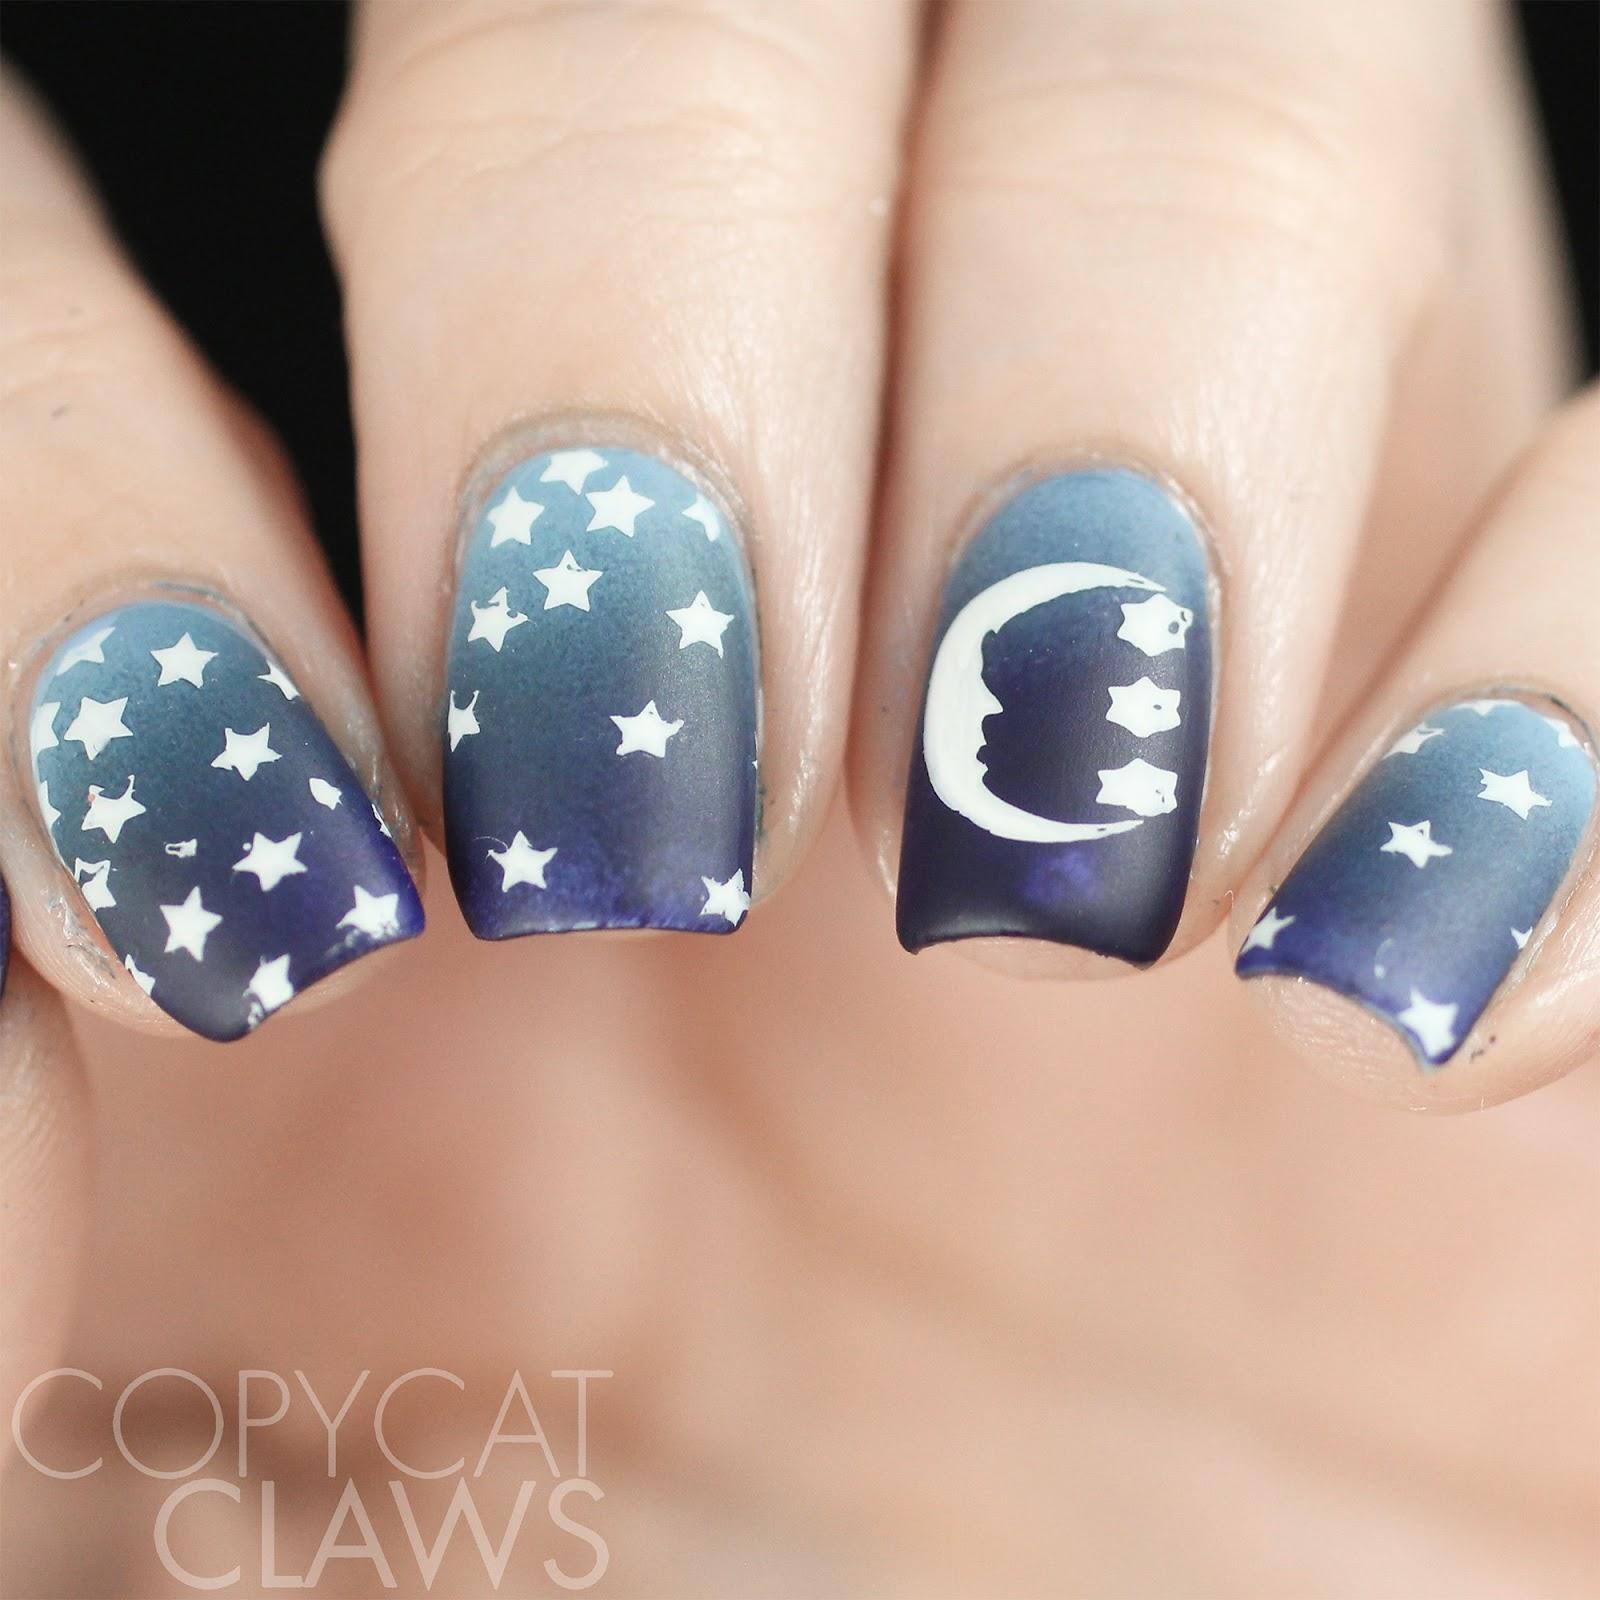 Copycat Claws 26 Great Nail Art Ideas Stars